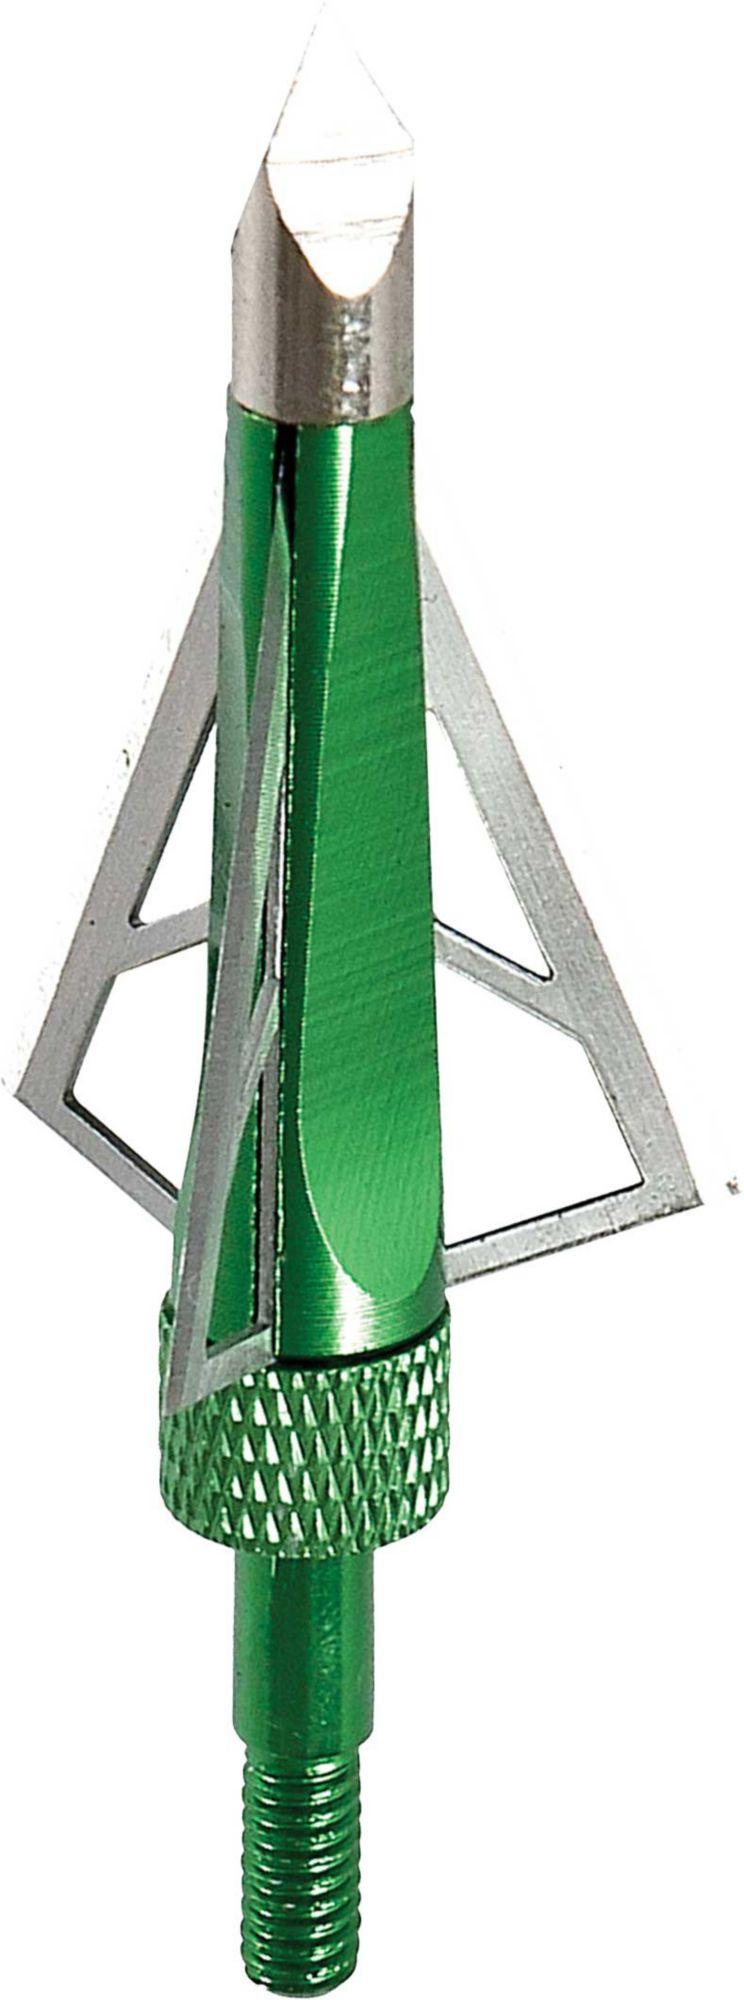 Allen Gunnison 3 Blade Fixed Blade Broadhead - 100 Grain thumbnail